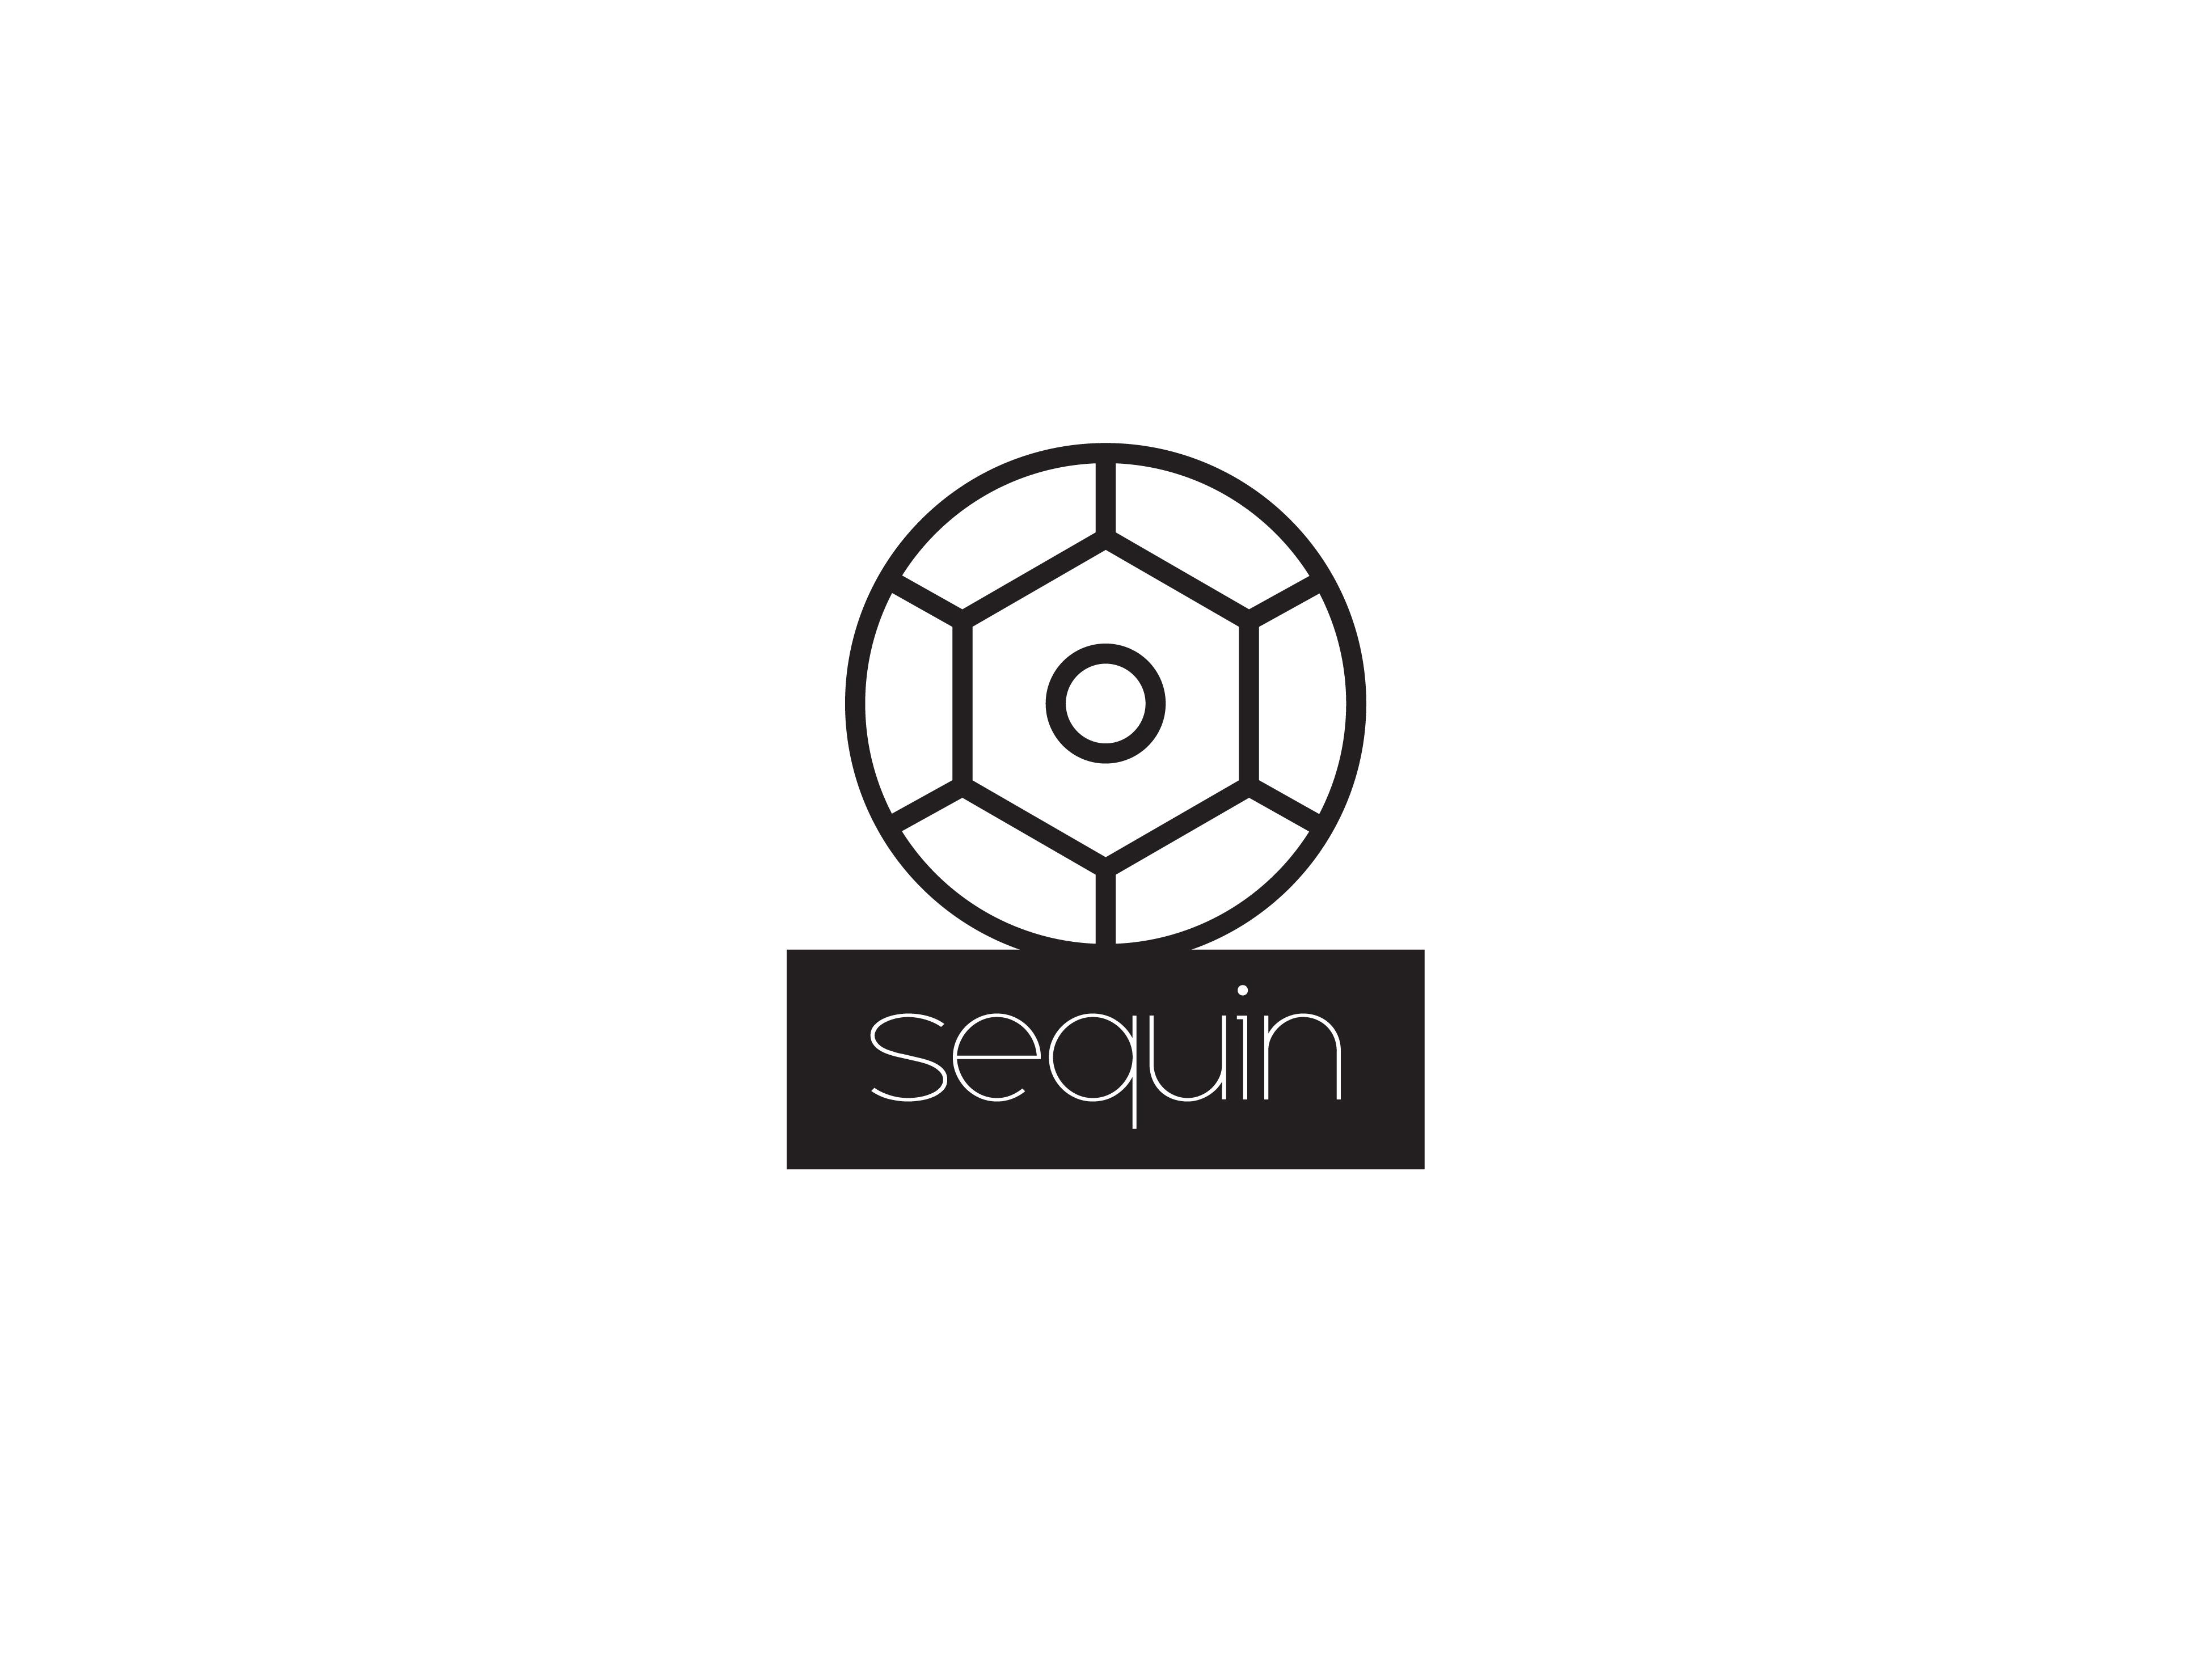 sepuin logo